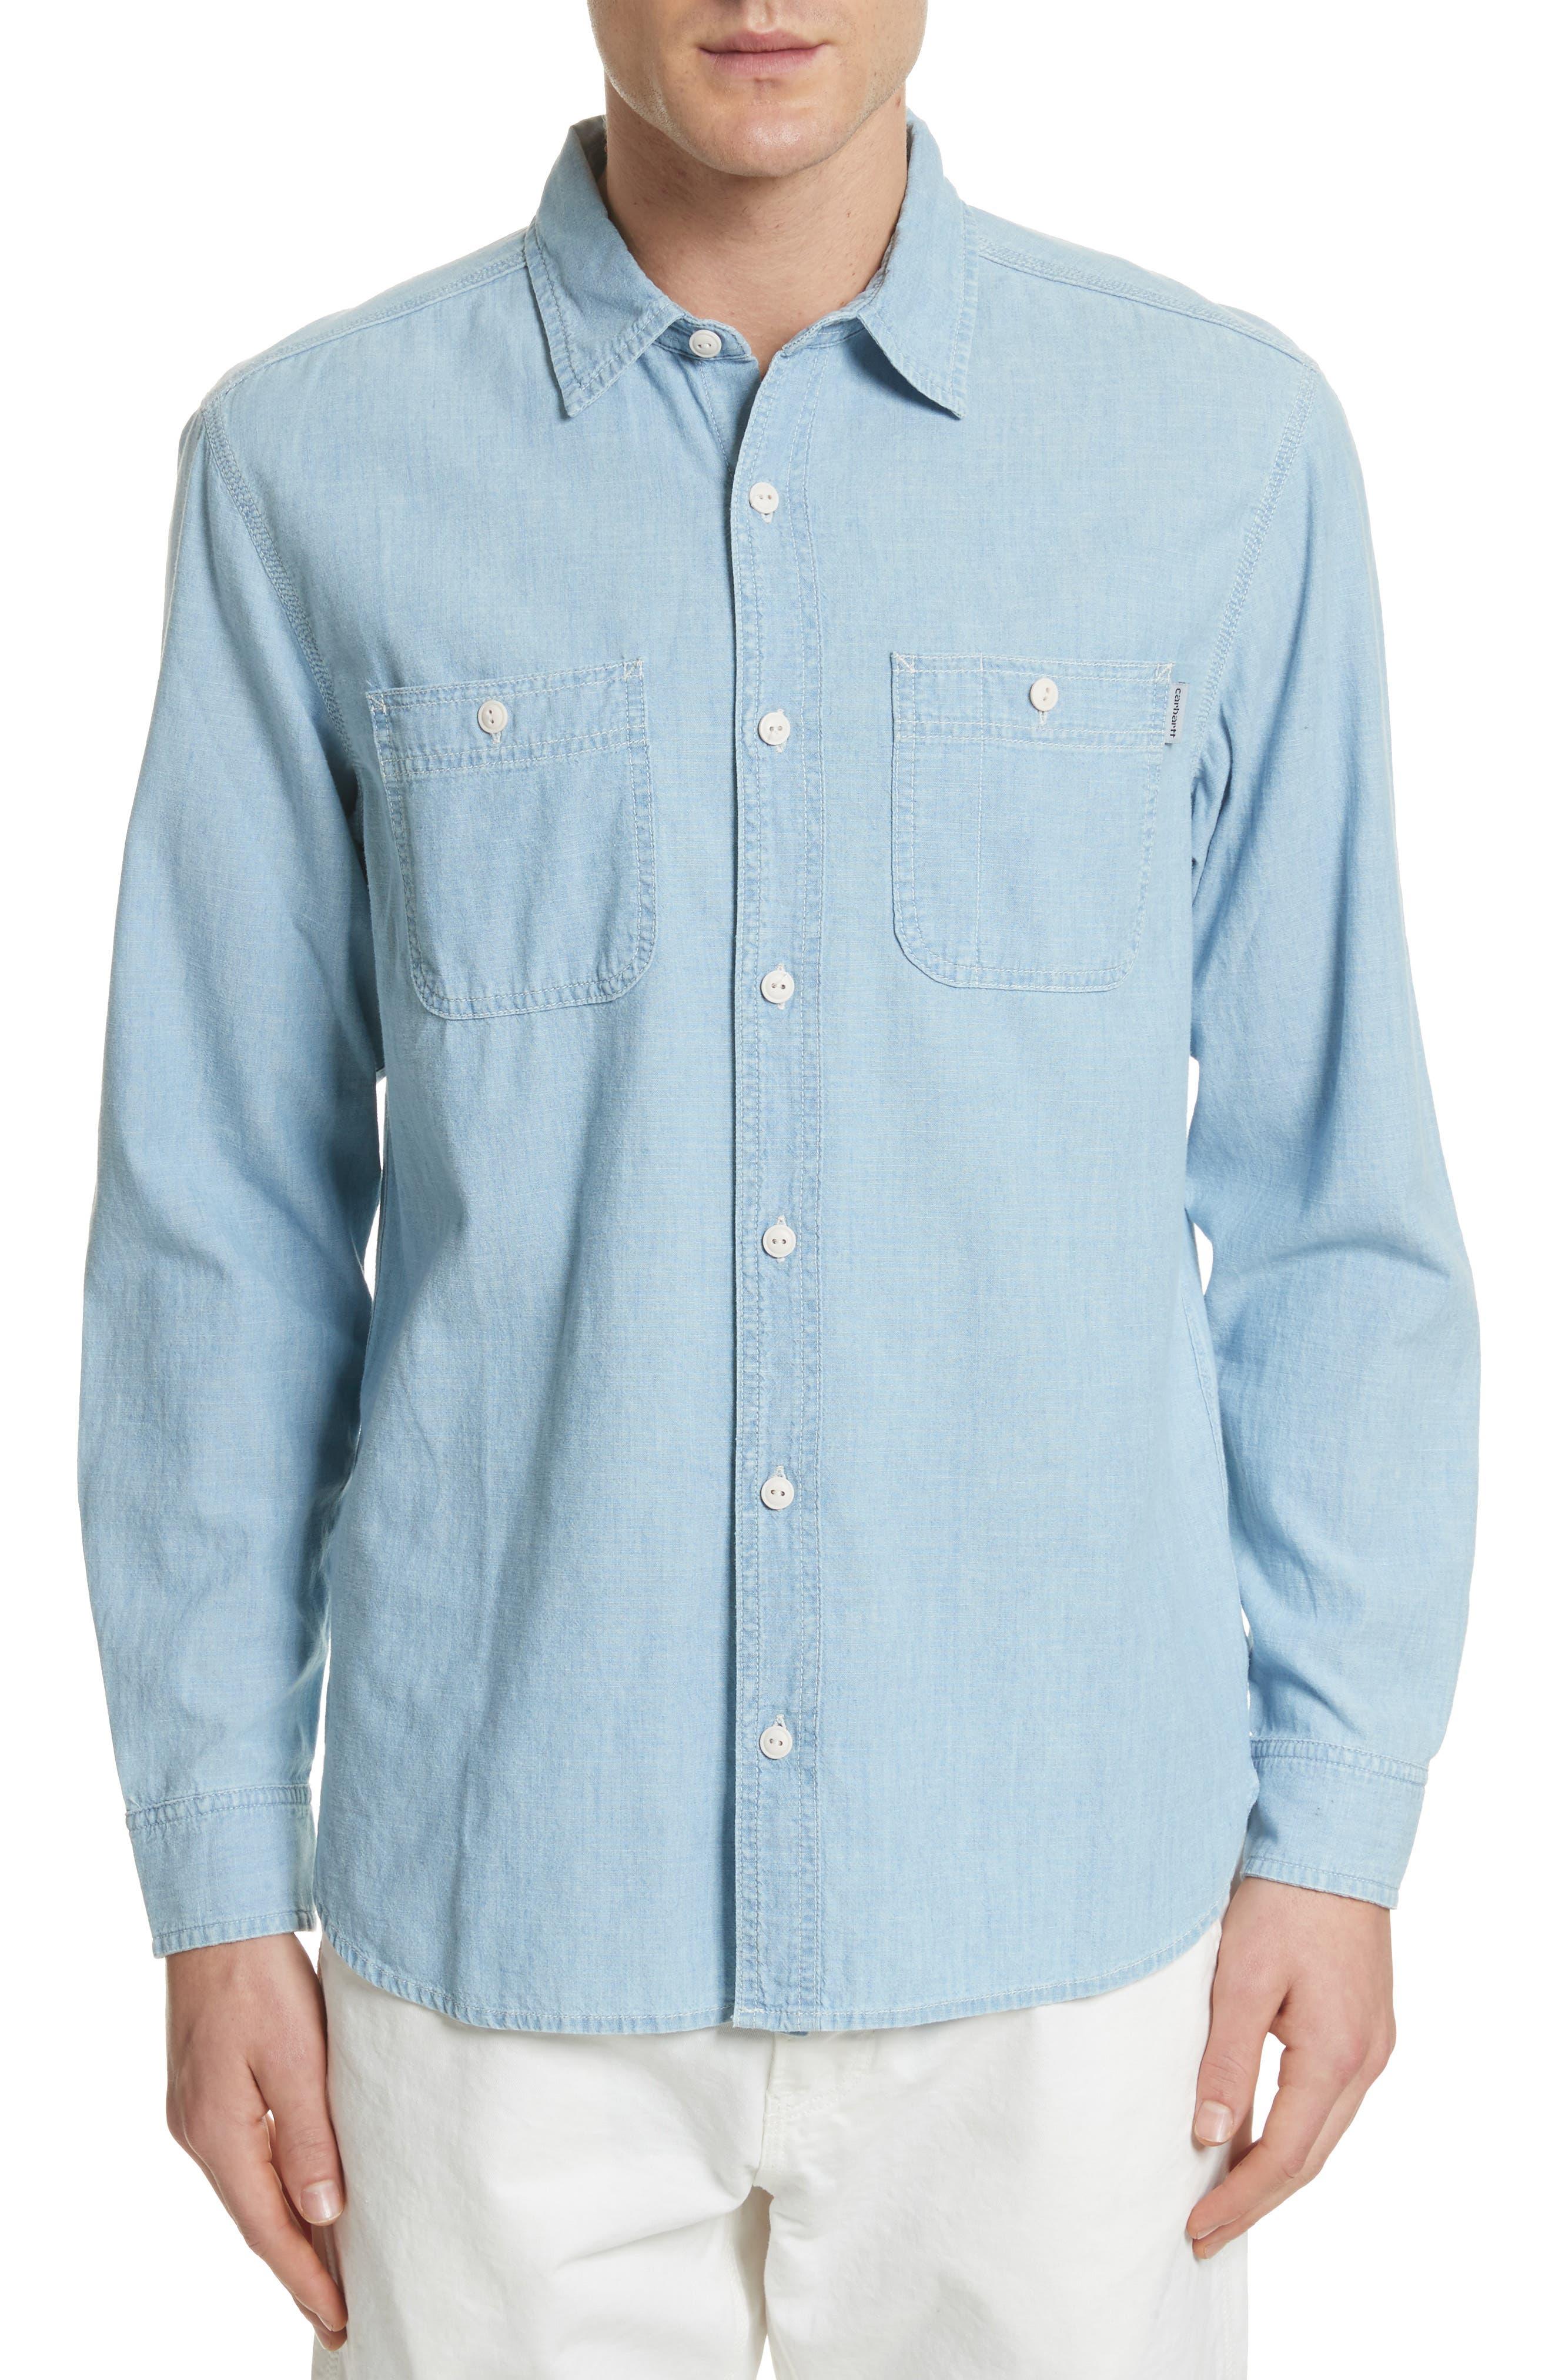 Clink Chambray Shirt,                         Main,                         color, 460